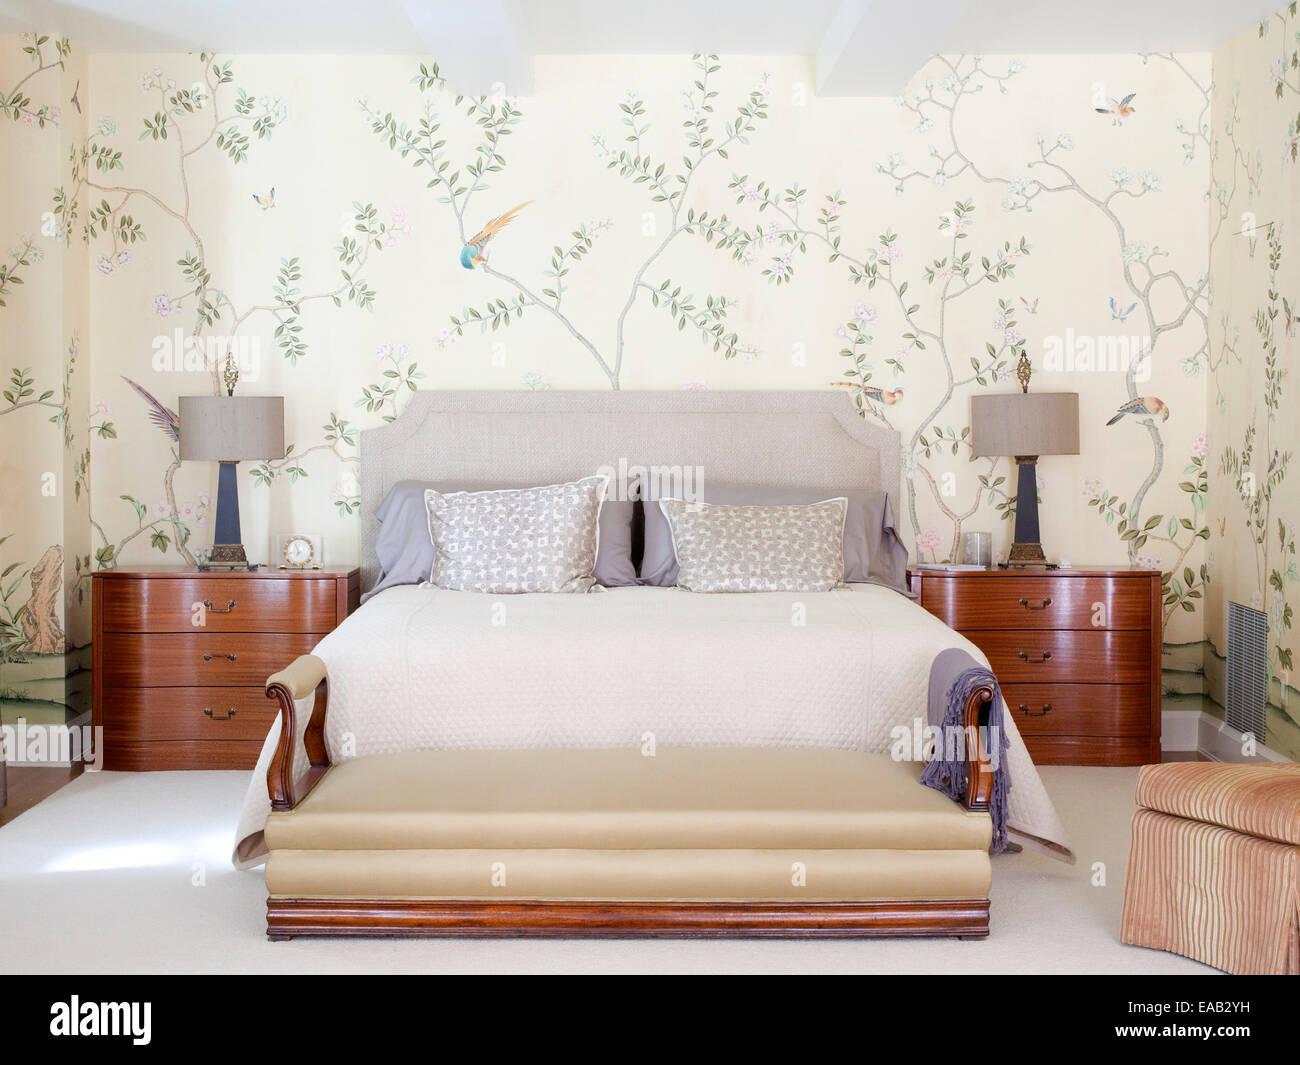 Dormitorio lujoso tradicional Imagen De Stock